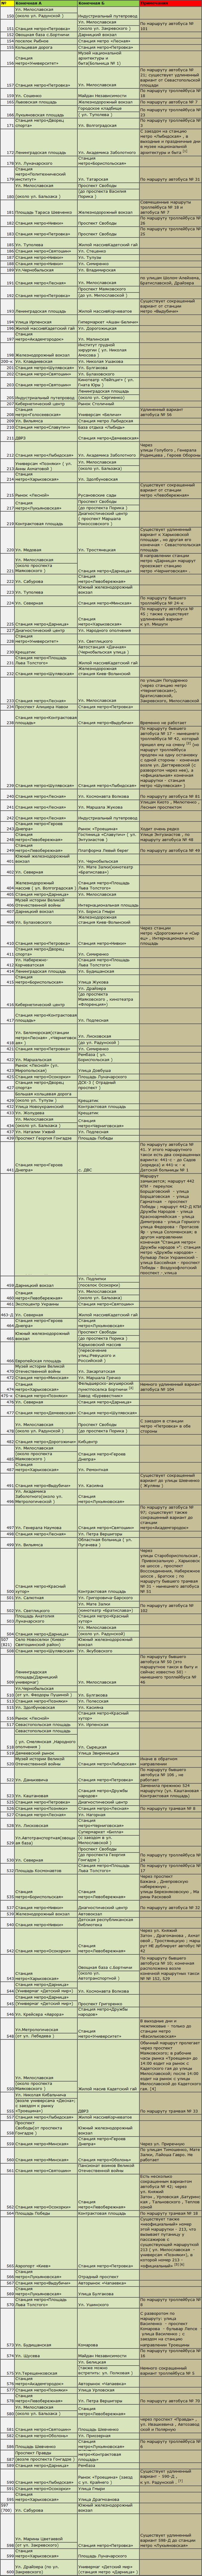 Маршрутки Киева (маршруты)